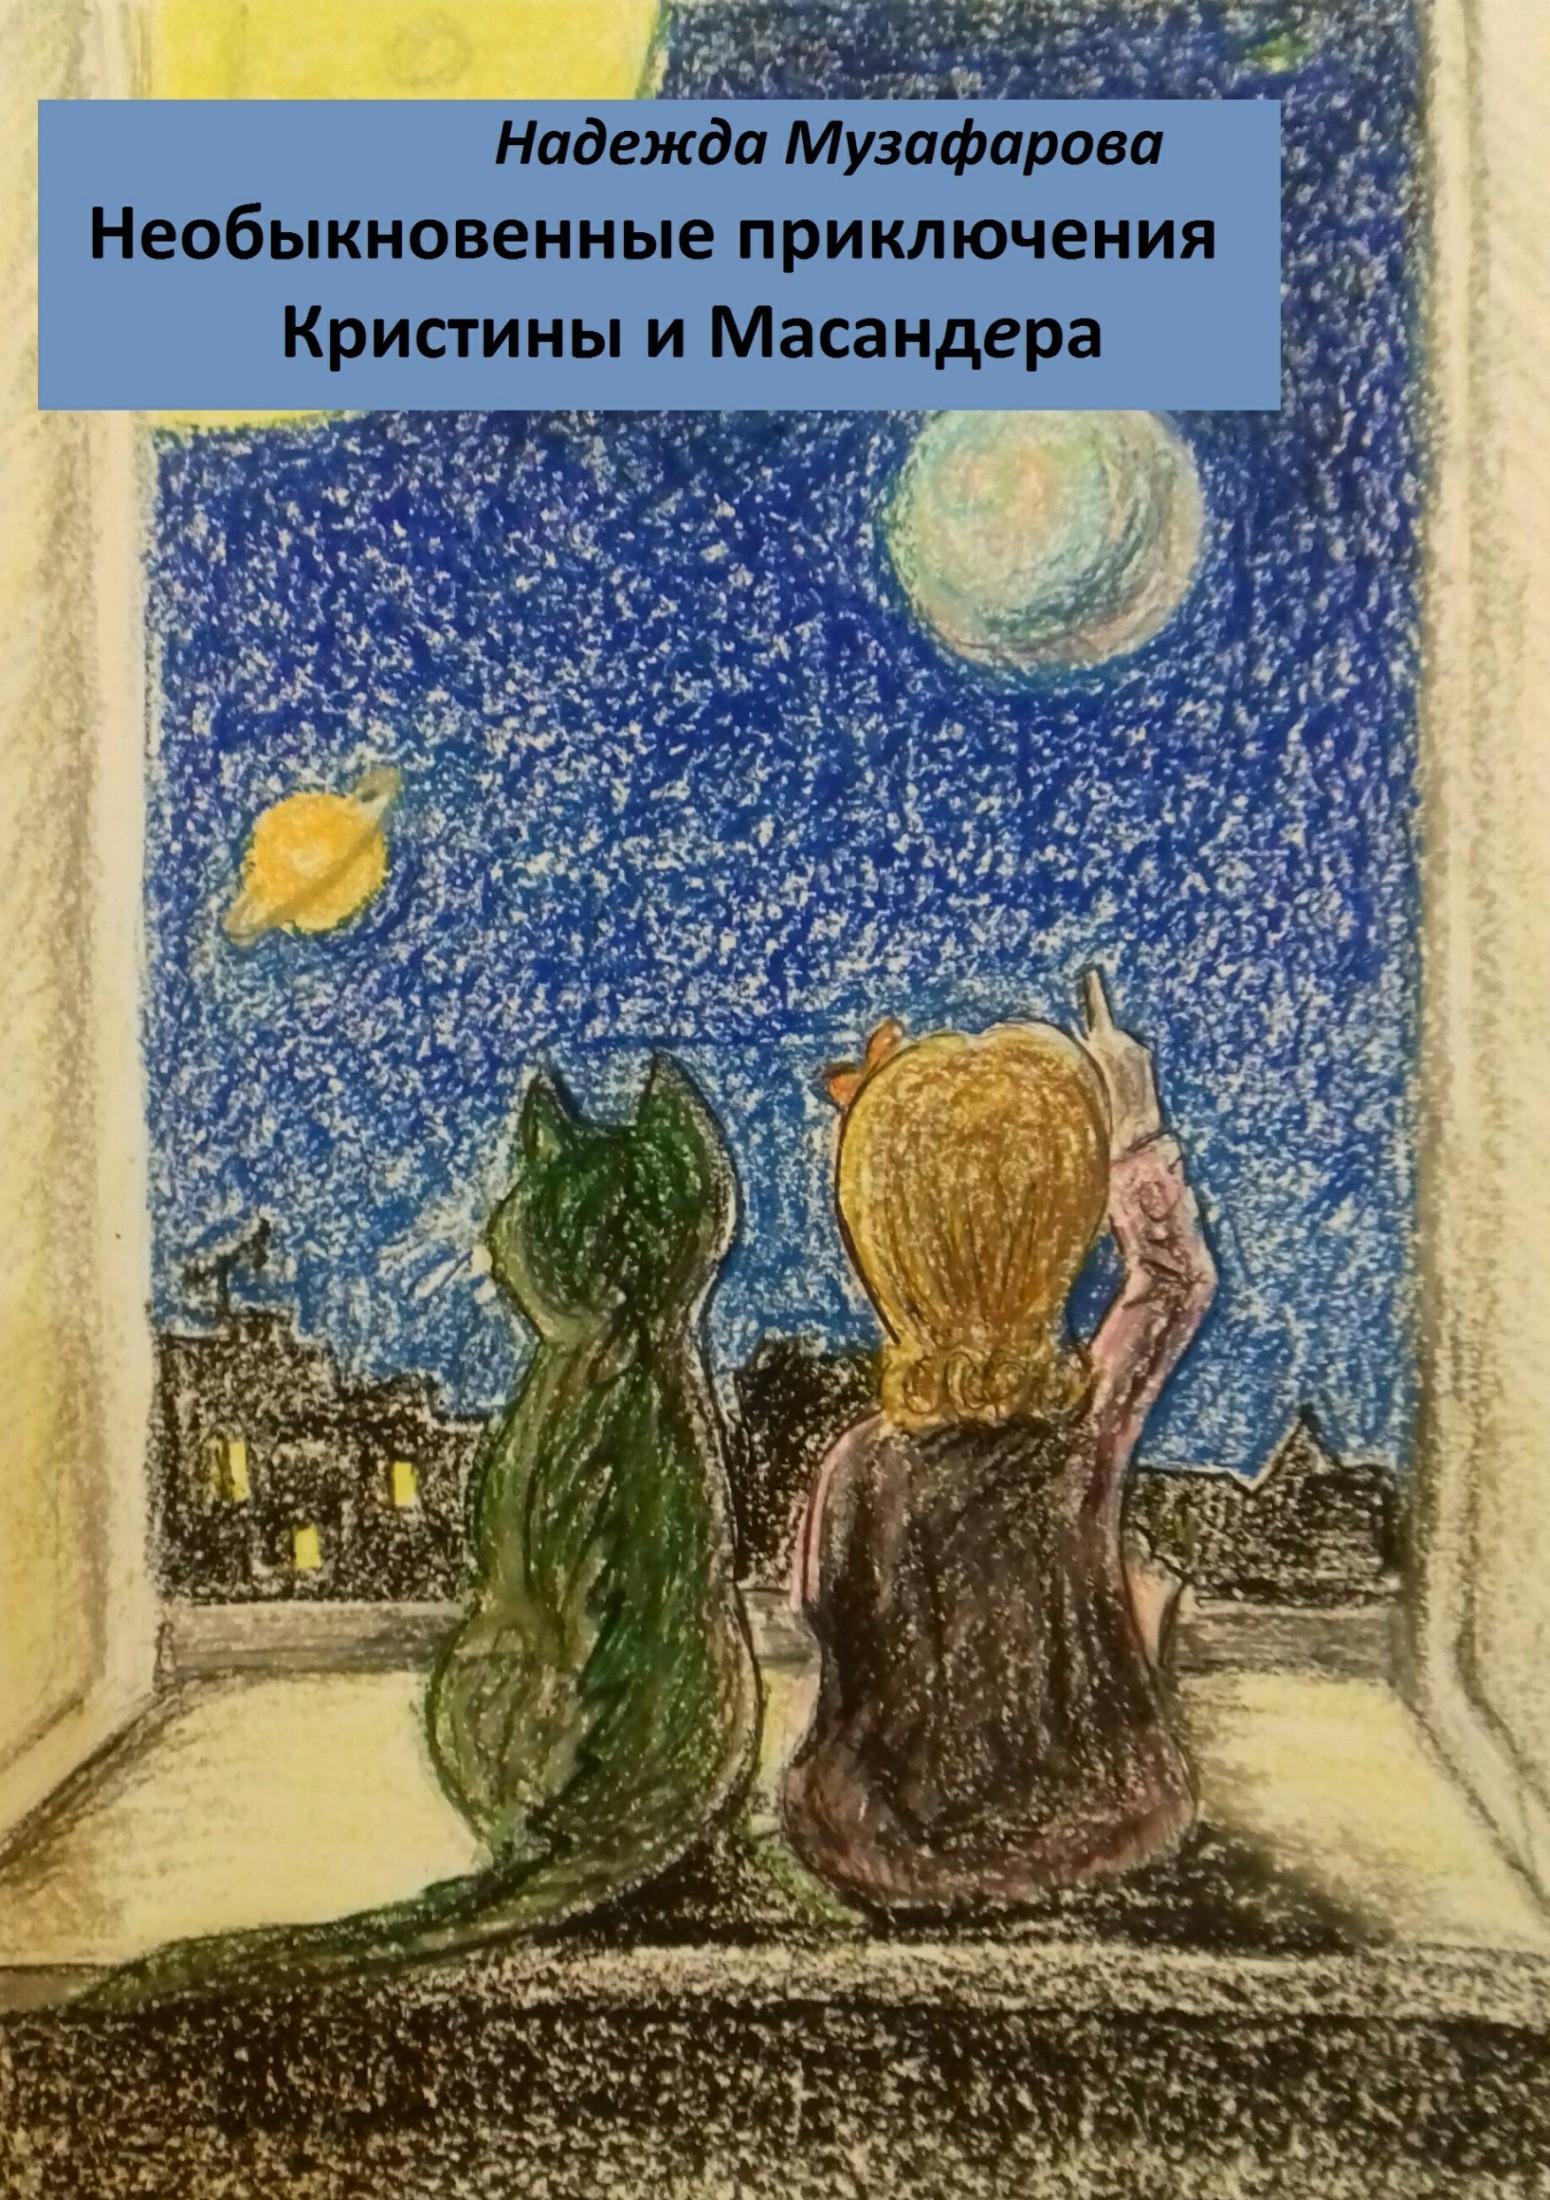 Необыкновенные приключения Кристины и Масандера